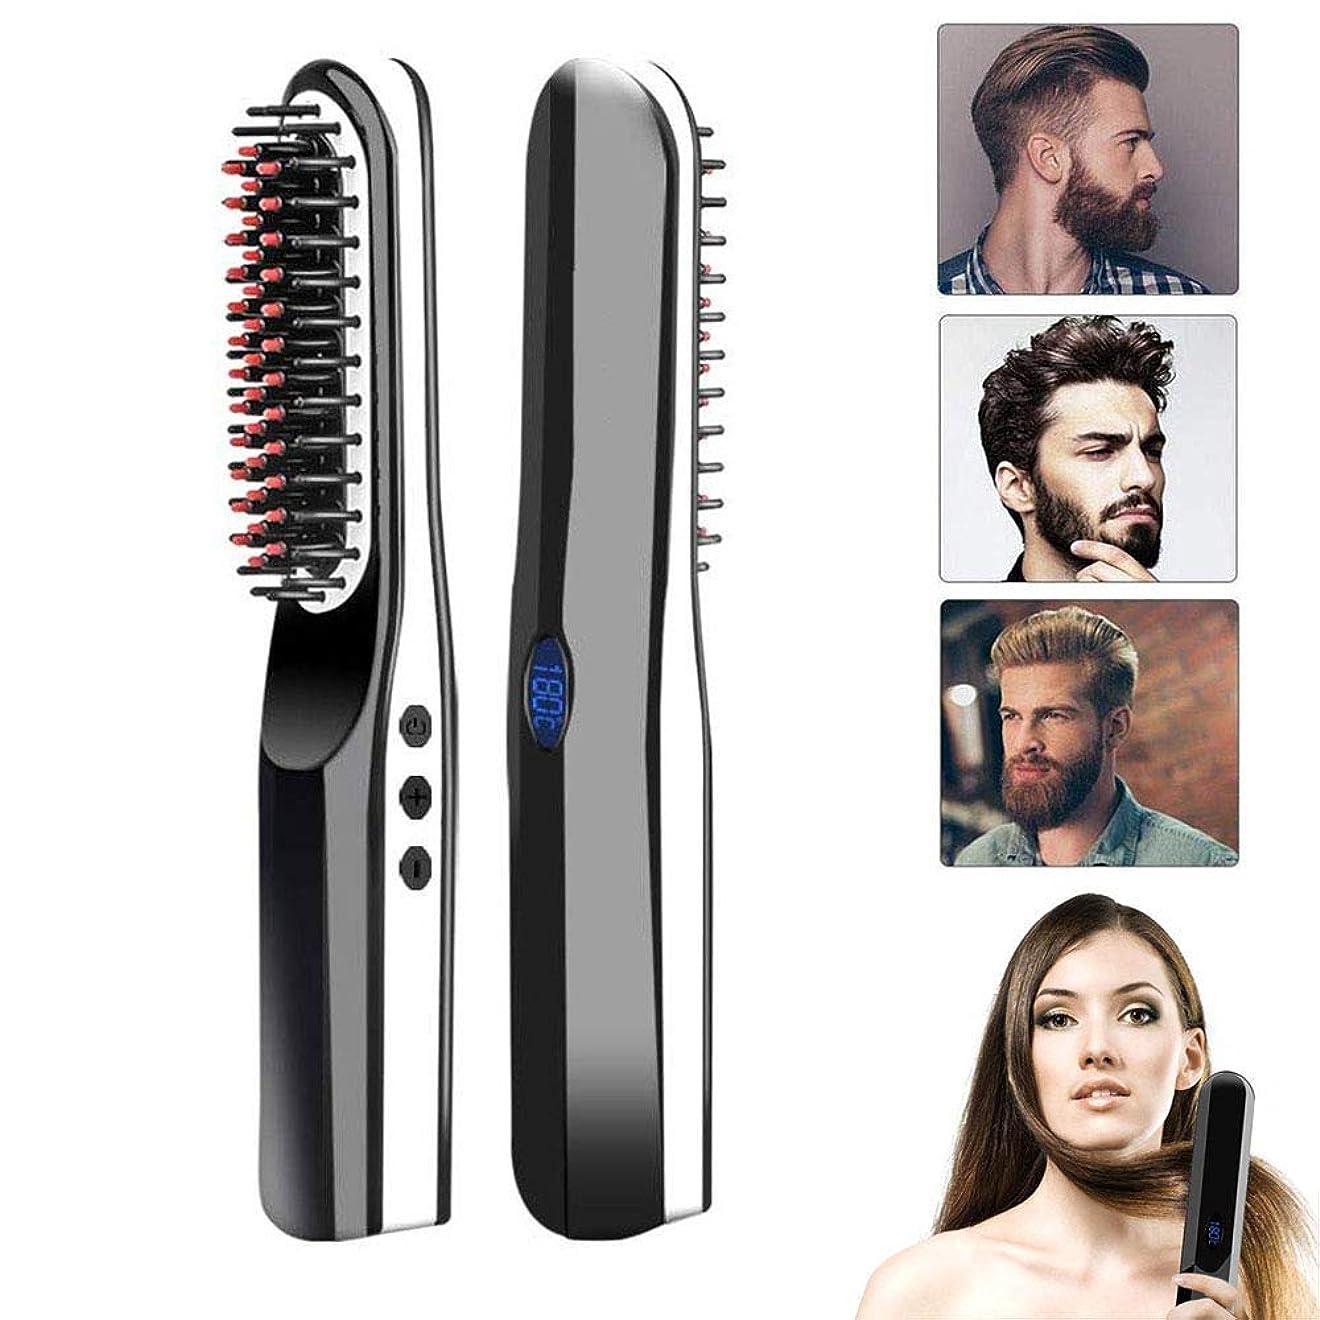 自伝詐欺師迷路コードレスアンチスカルド自動で毛矯正ブラシ旅行/家、男性の女性のための1の2つの多機能の毛の櫛のカーリングアイロン